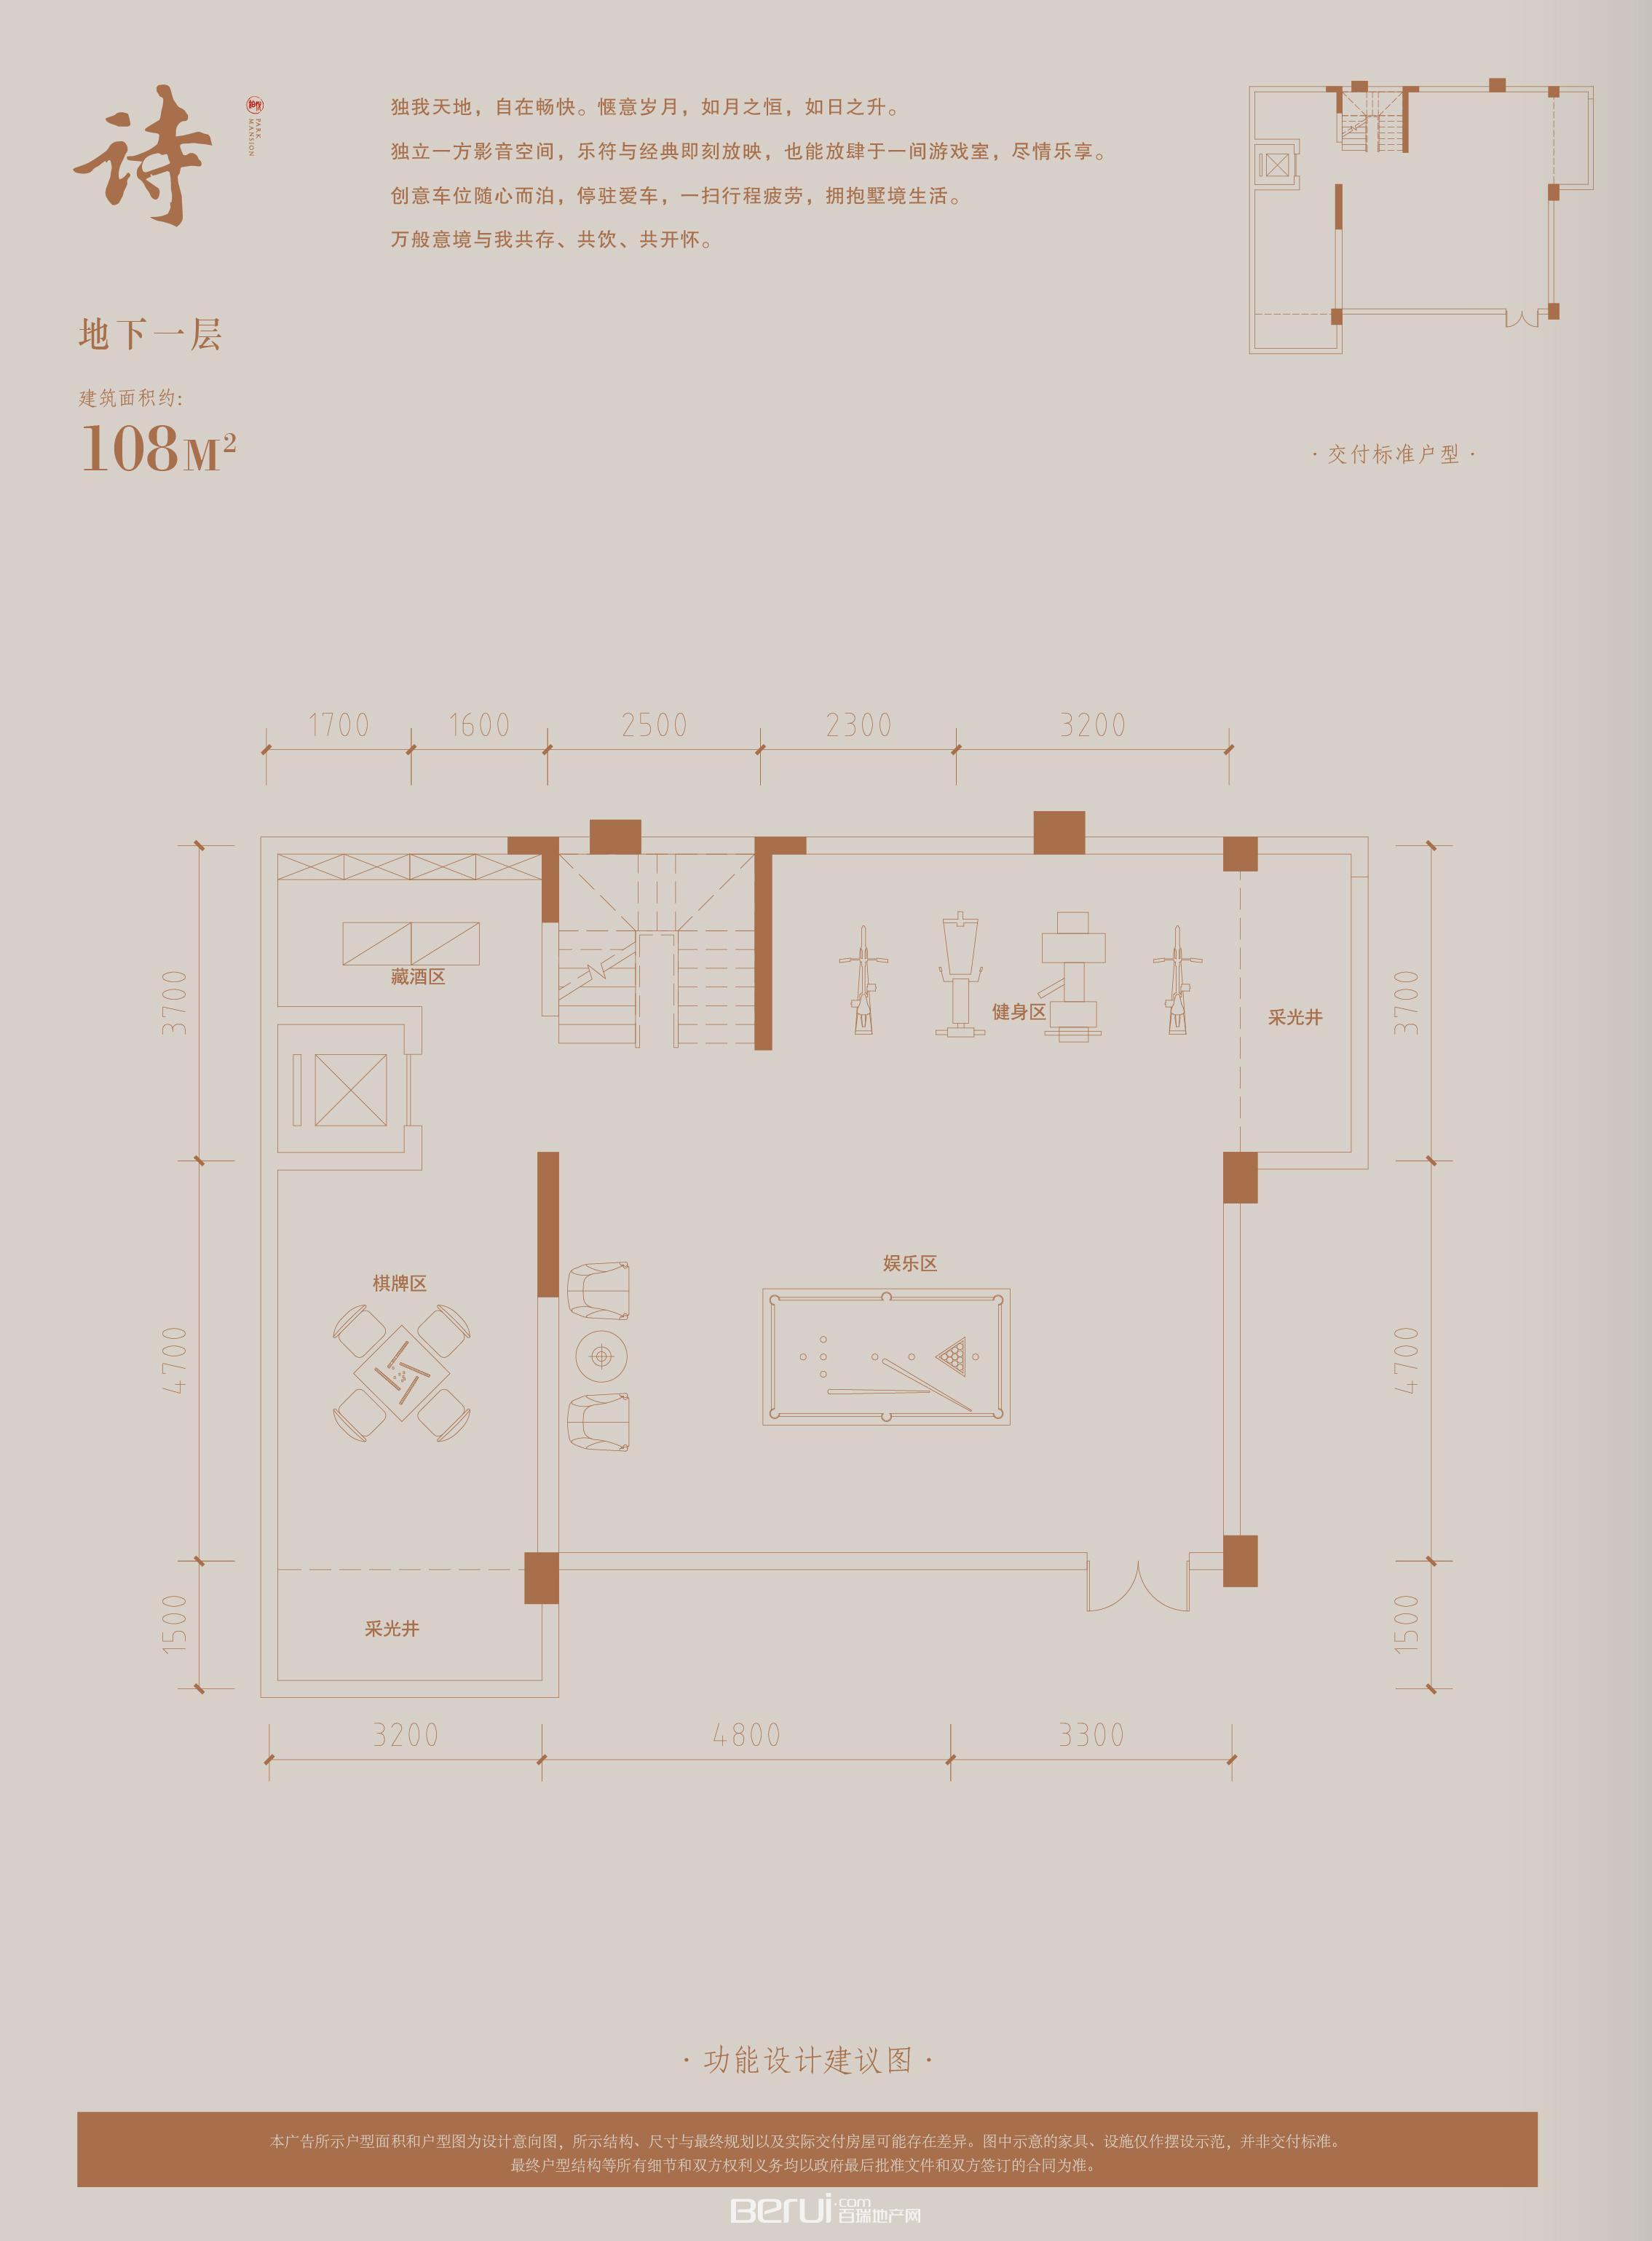 铂悦庐州府B10 B11 B12 B15别墅402㎡地下一层